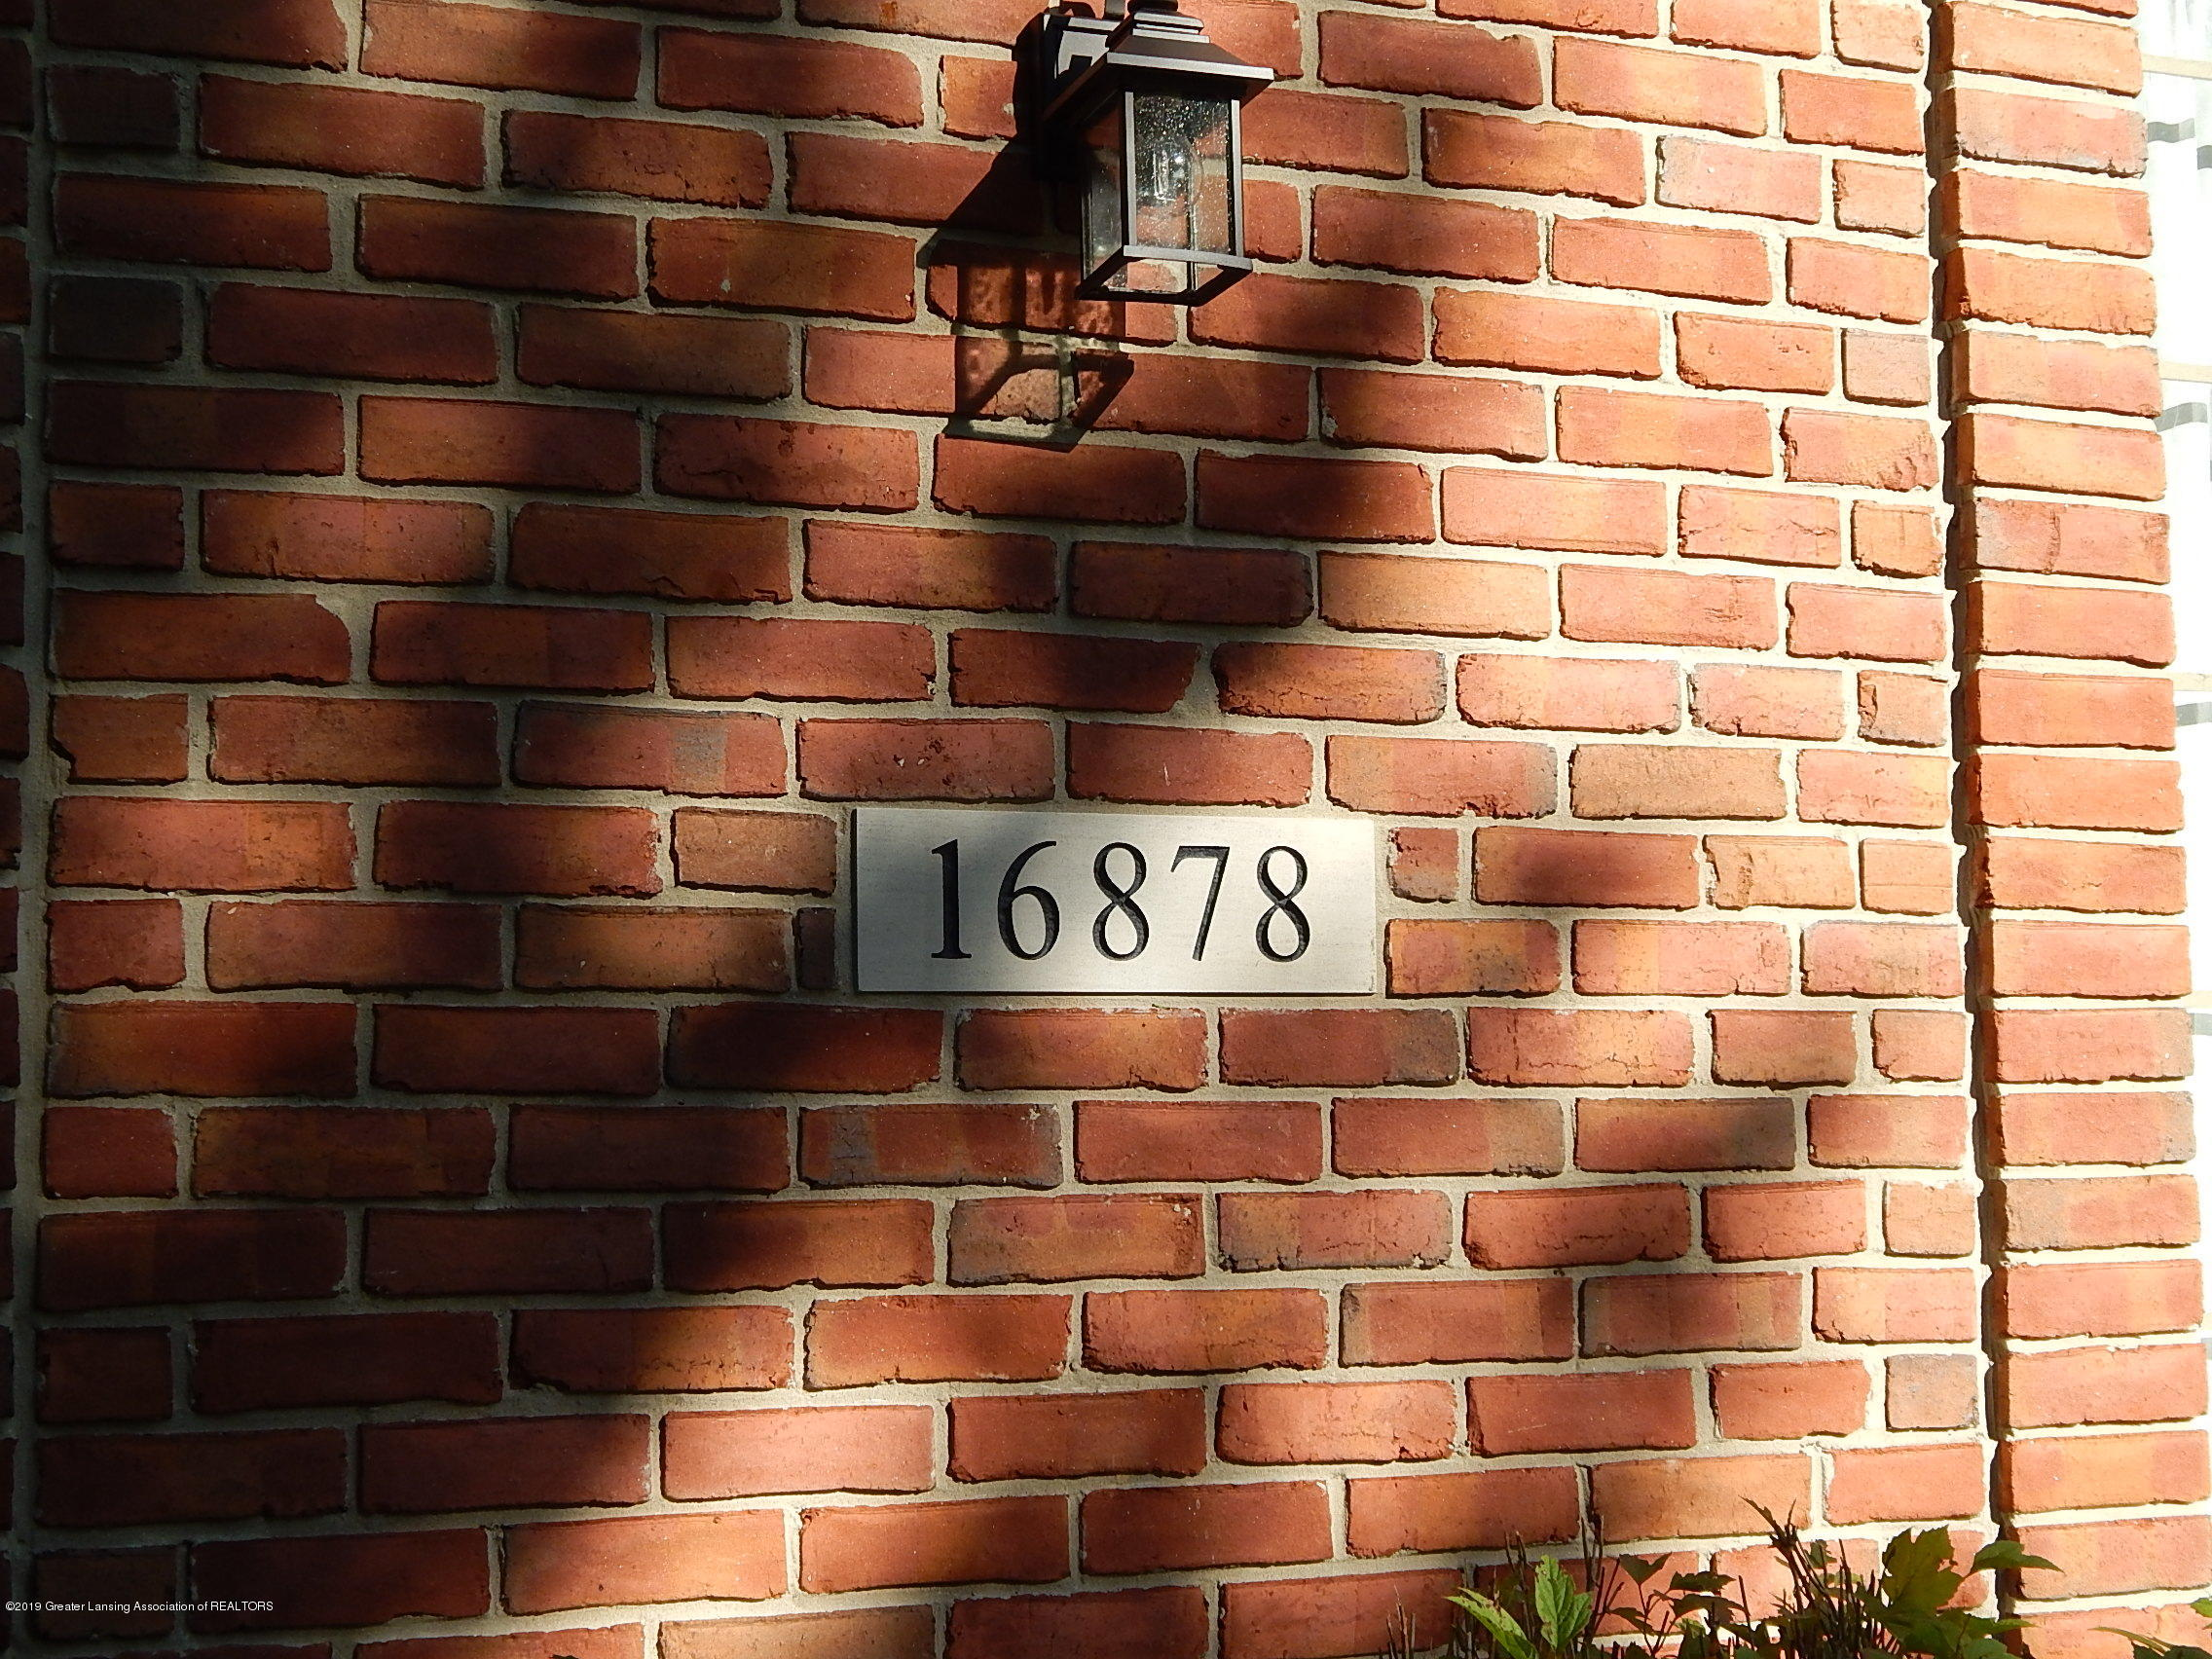 16878 Thorngate Rd - DSCN4039 - 4